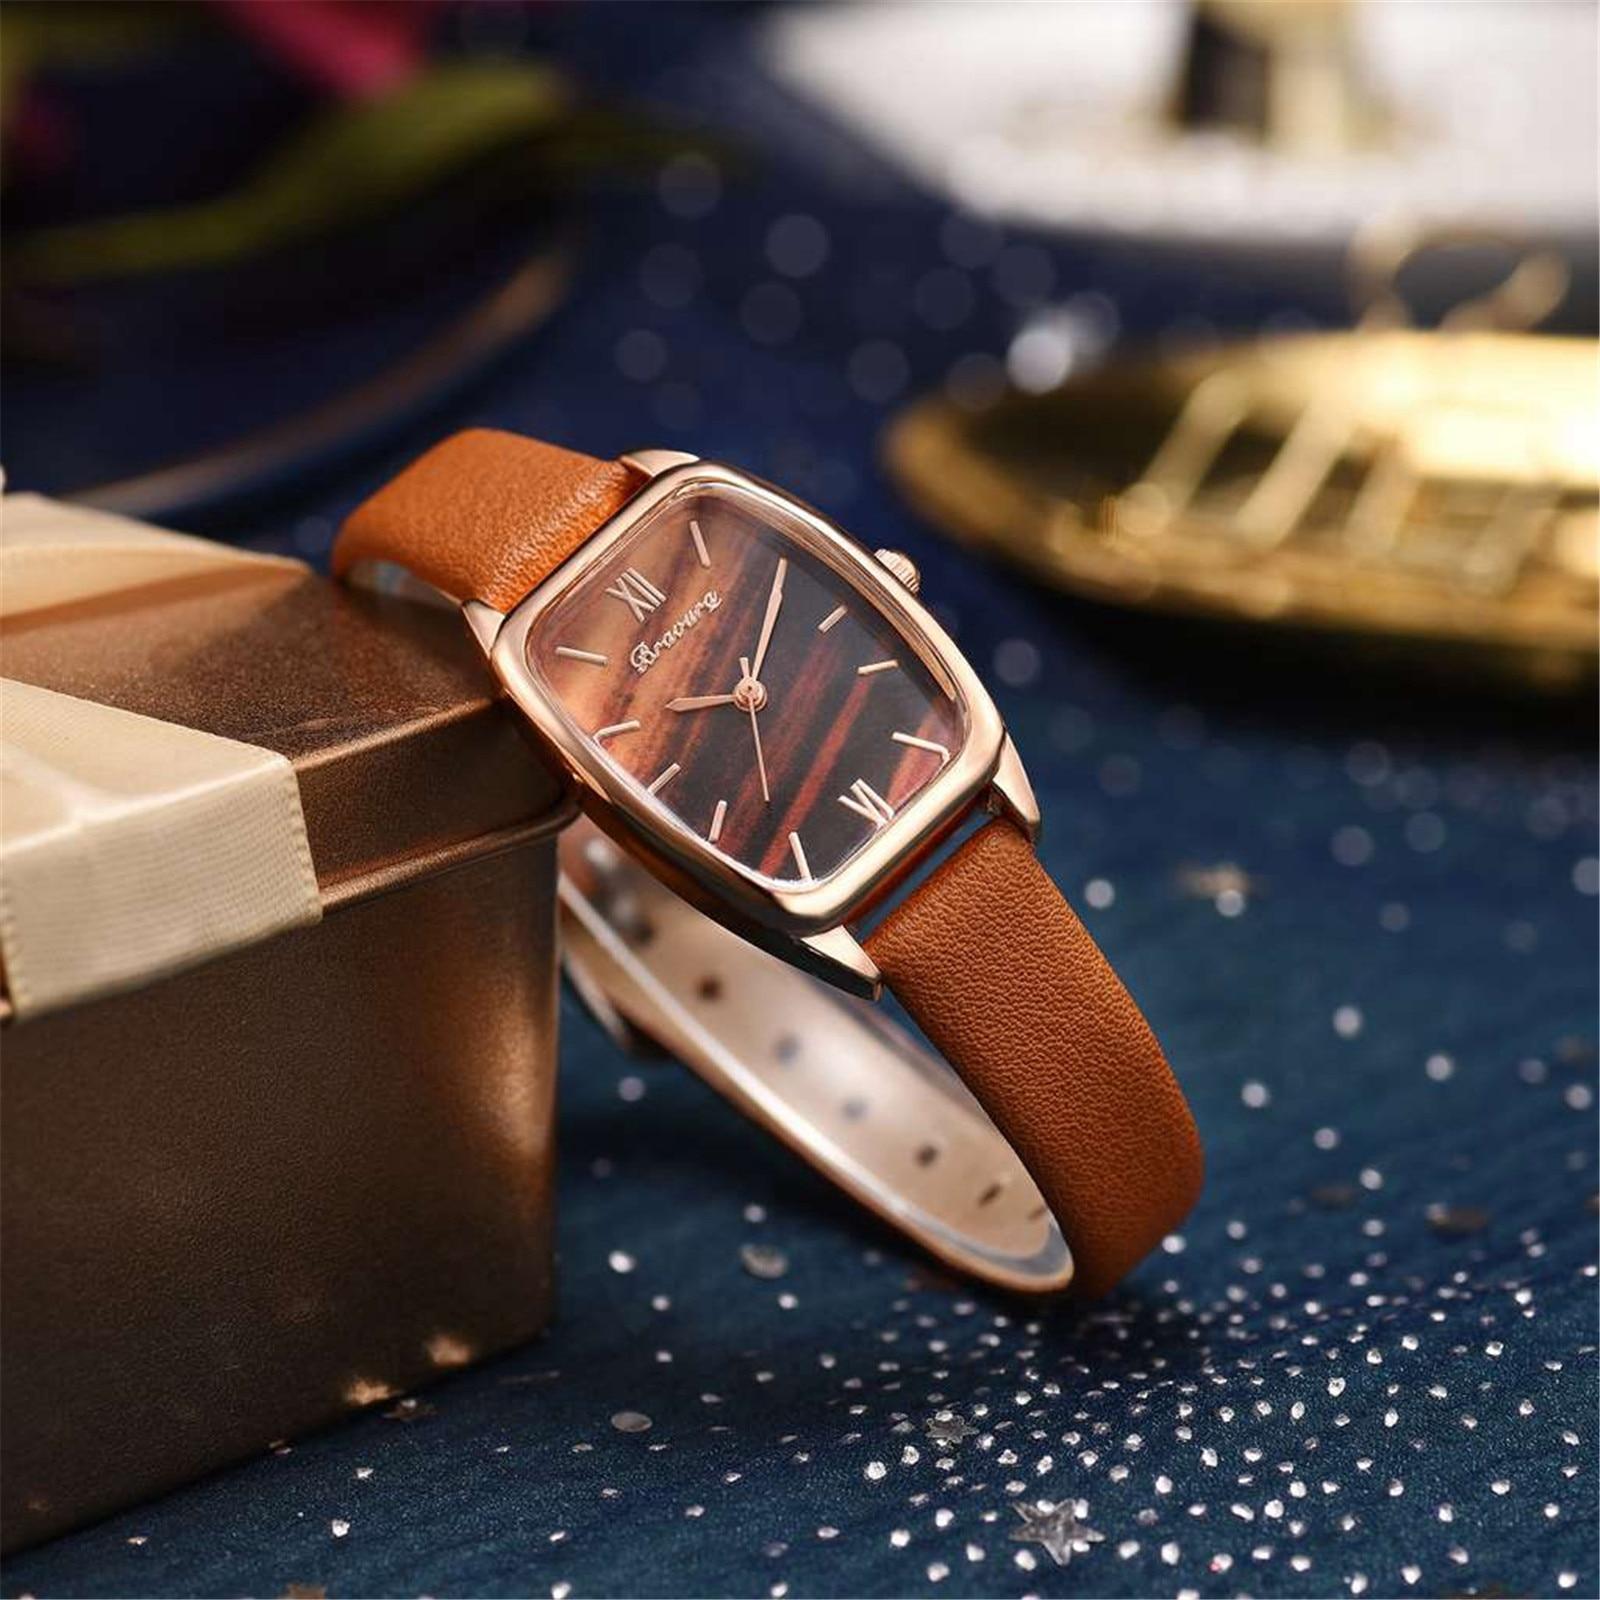 Часы наручные женские с квадратным циферблатом, модные повседневные кварцевые, с кожаным ремешком, подарок для женщин